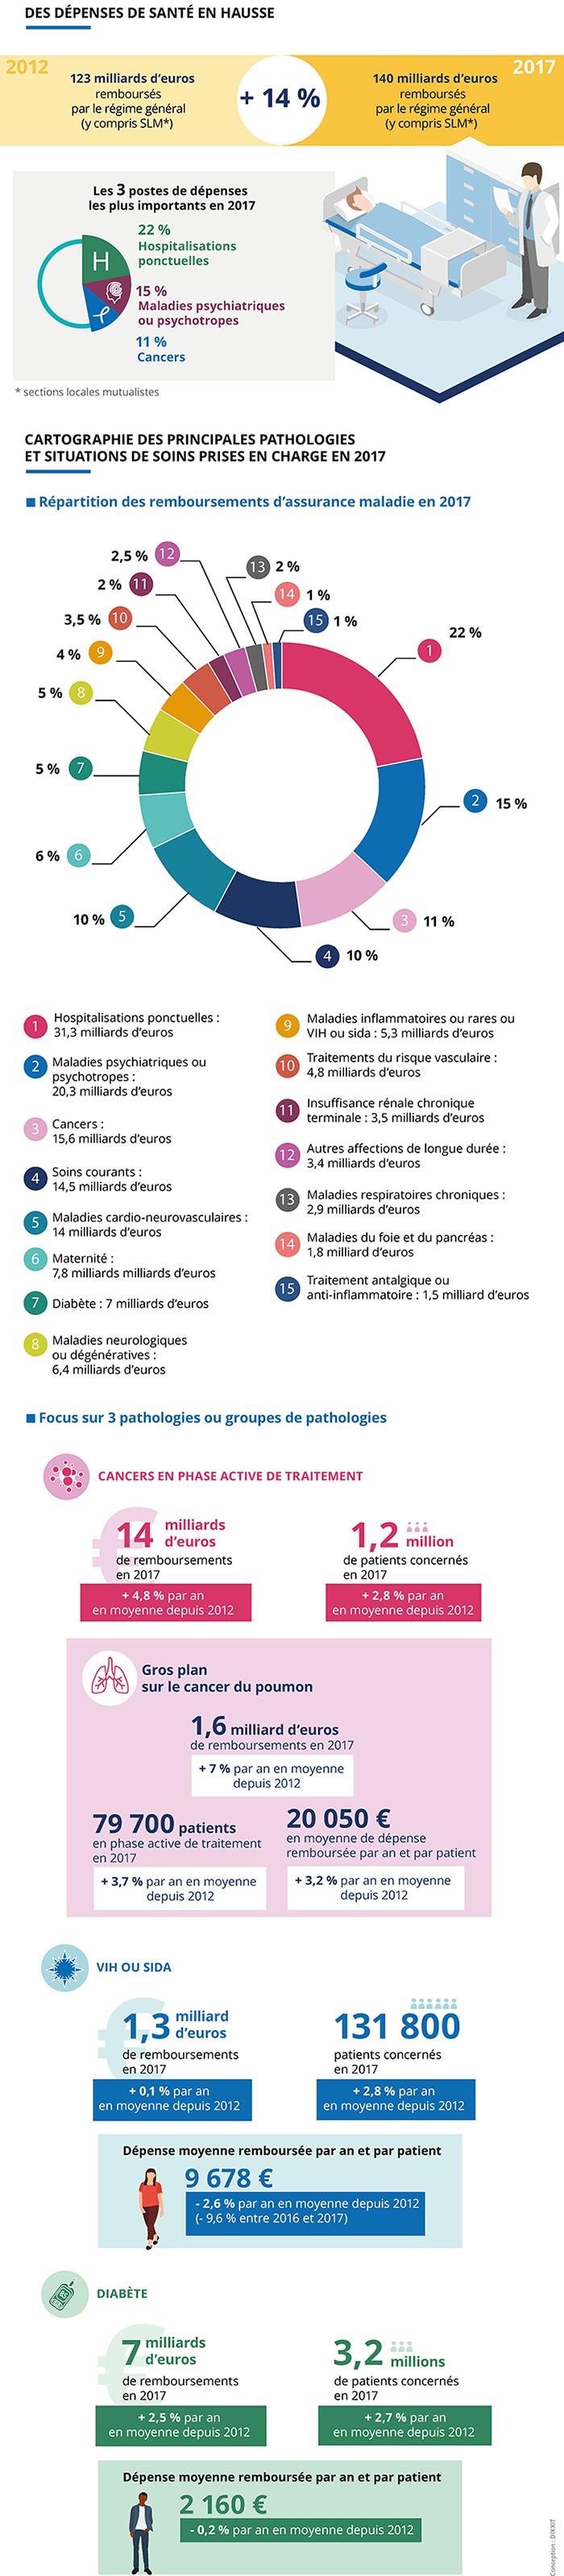 Infographie présentant la cartographie médicalisée des dépenses de santé 2017. Description complète ci-après.